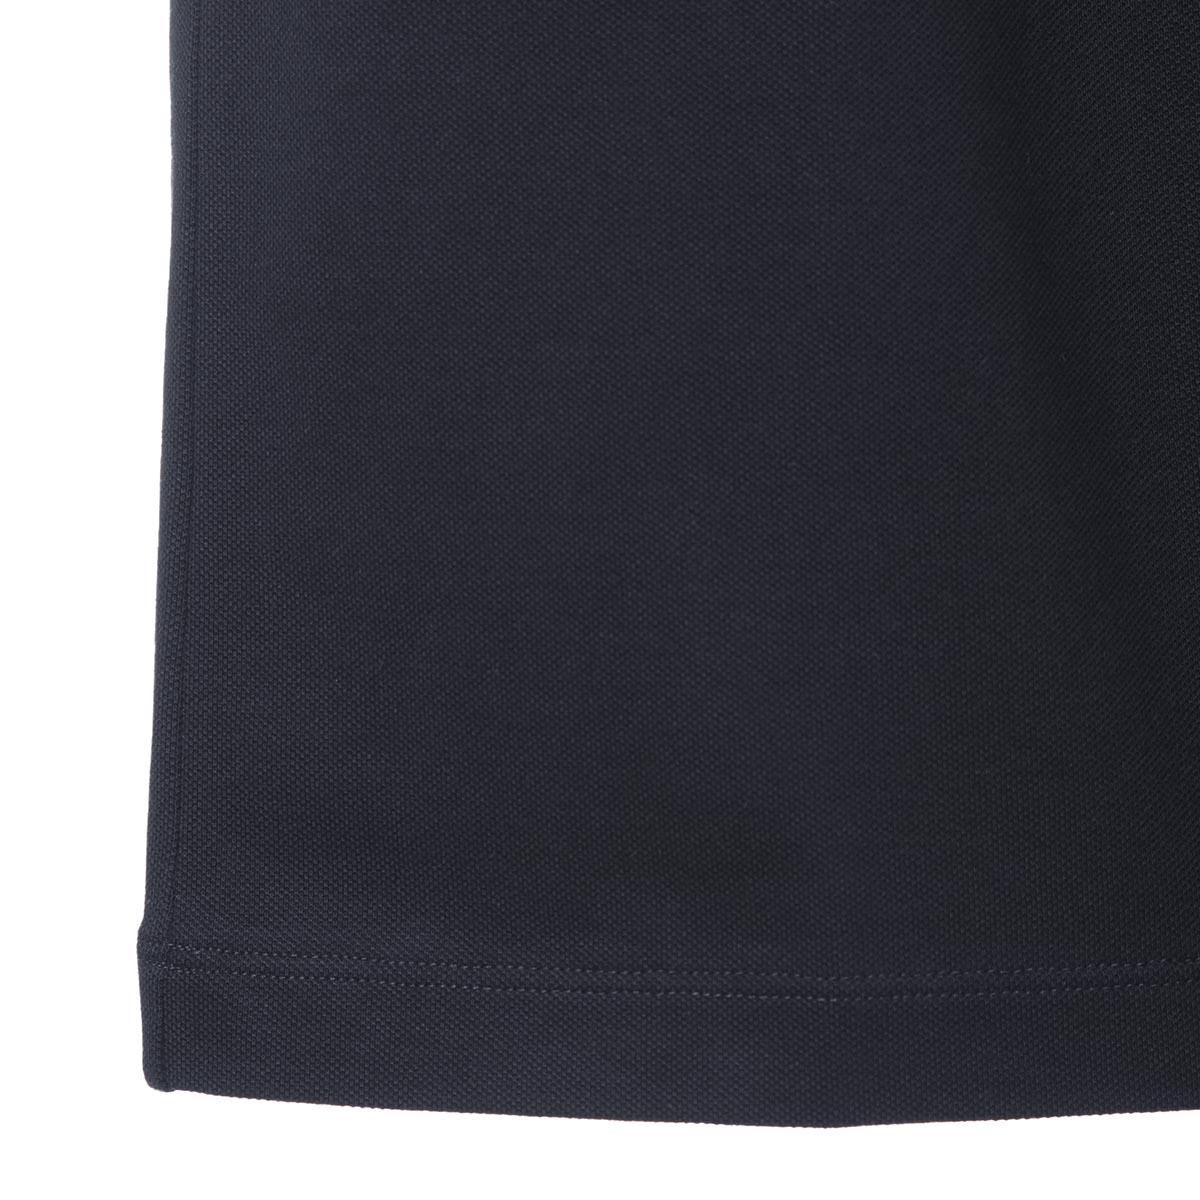 【タイムセール TOPS】GIORGIO ARMANI ジョルジオアルマーニ ポロシャツ【大きいサイズあり】 メンズ